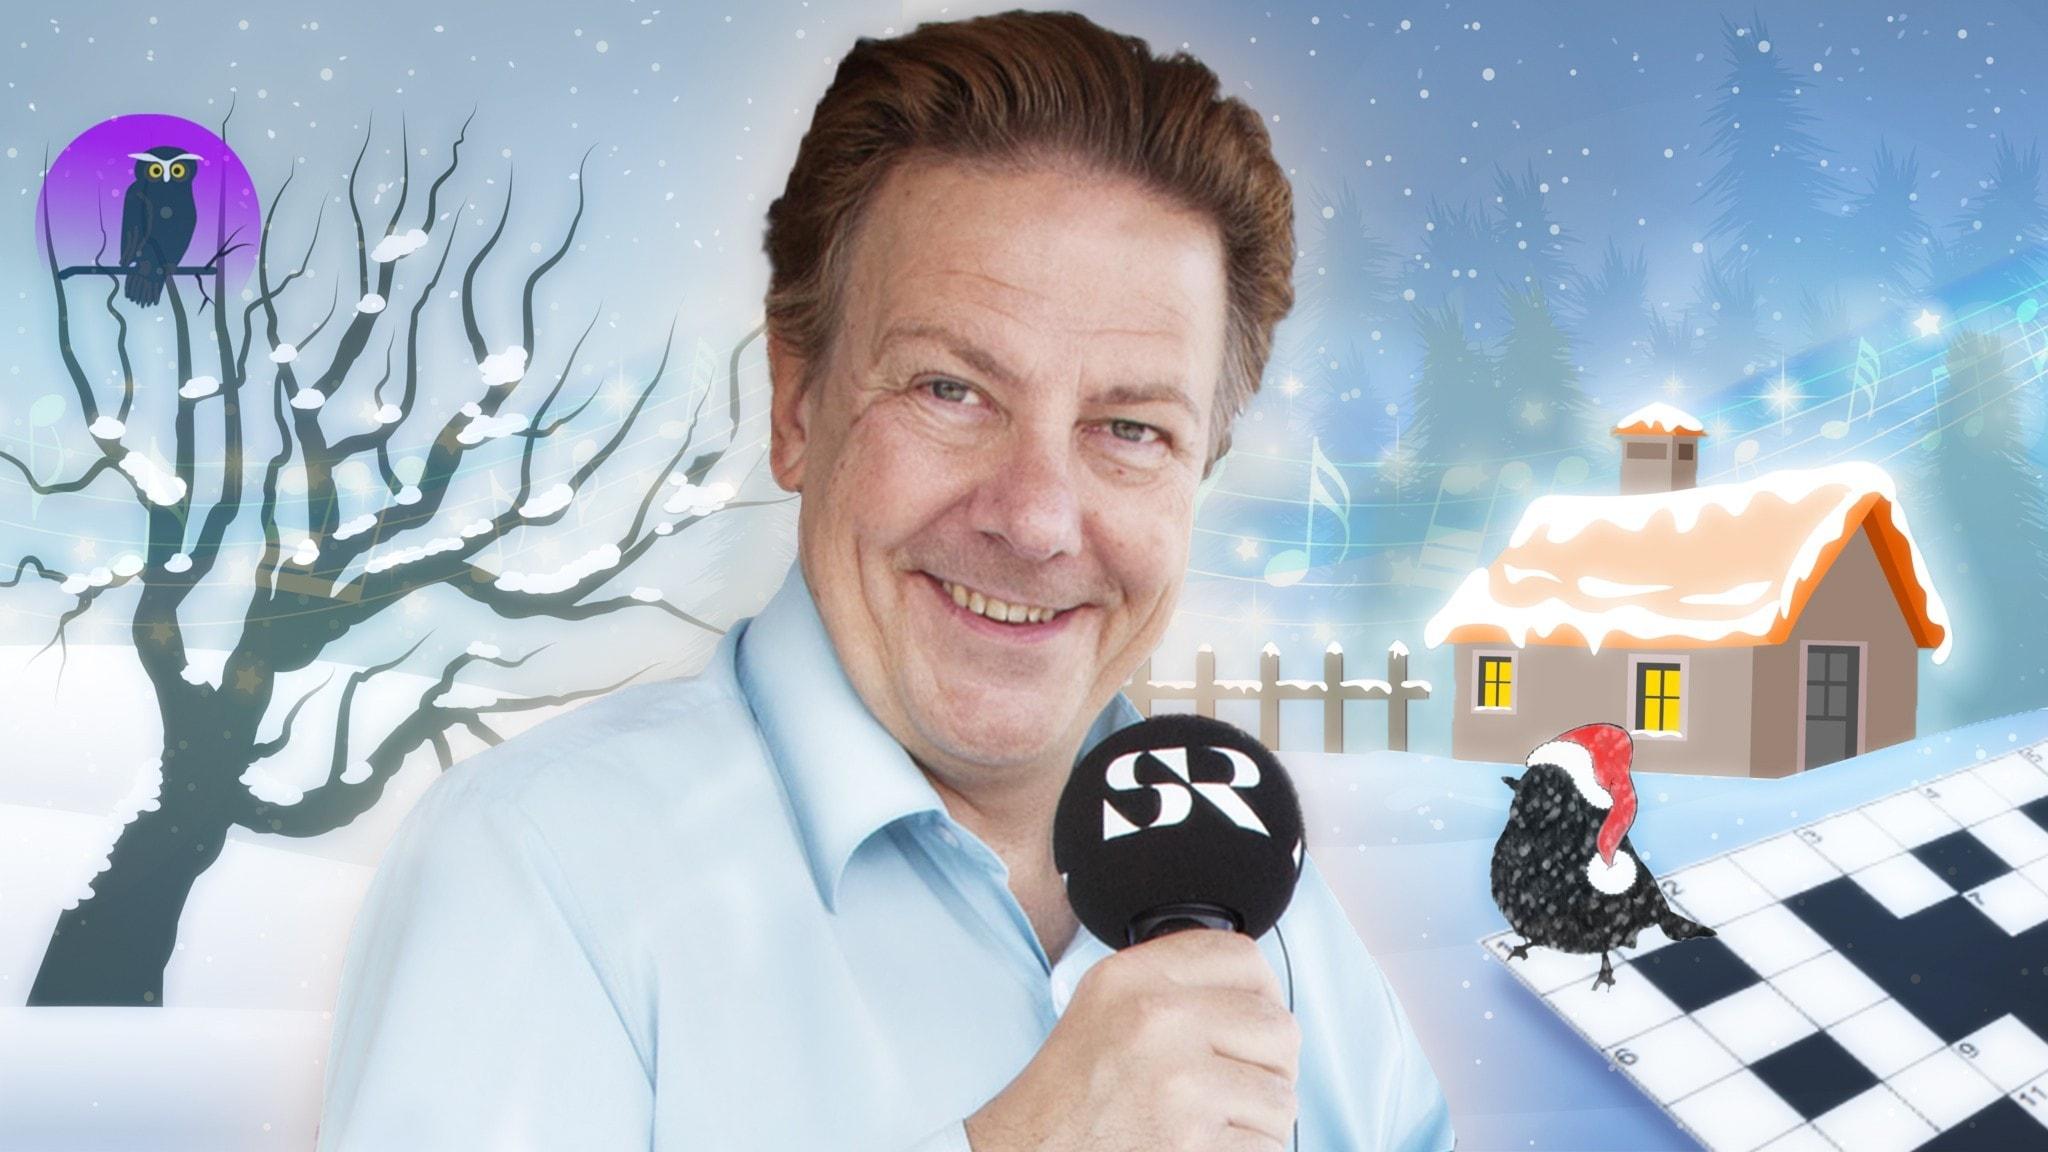 Anders Eldeman i ett tecknat vinterlandskap med en liten stuga i bakgrunden. Till höger sitter en liten fågel med tomteluva på ett melodikryss.